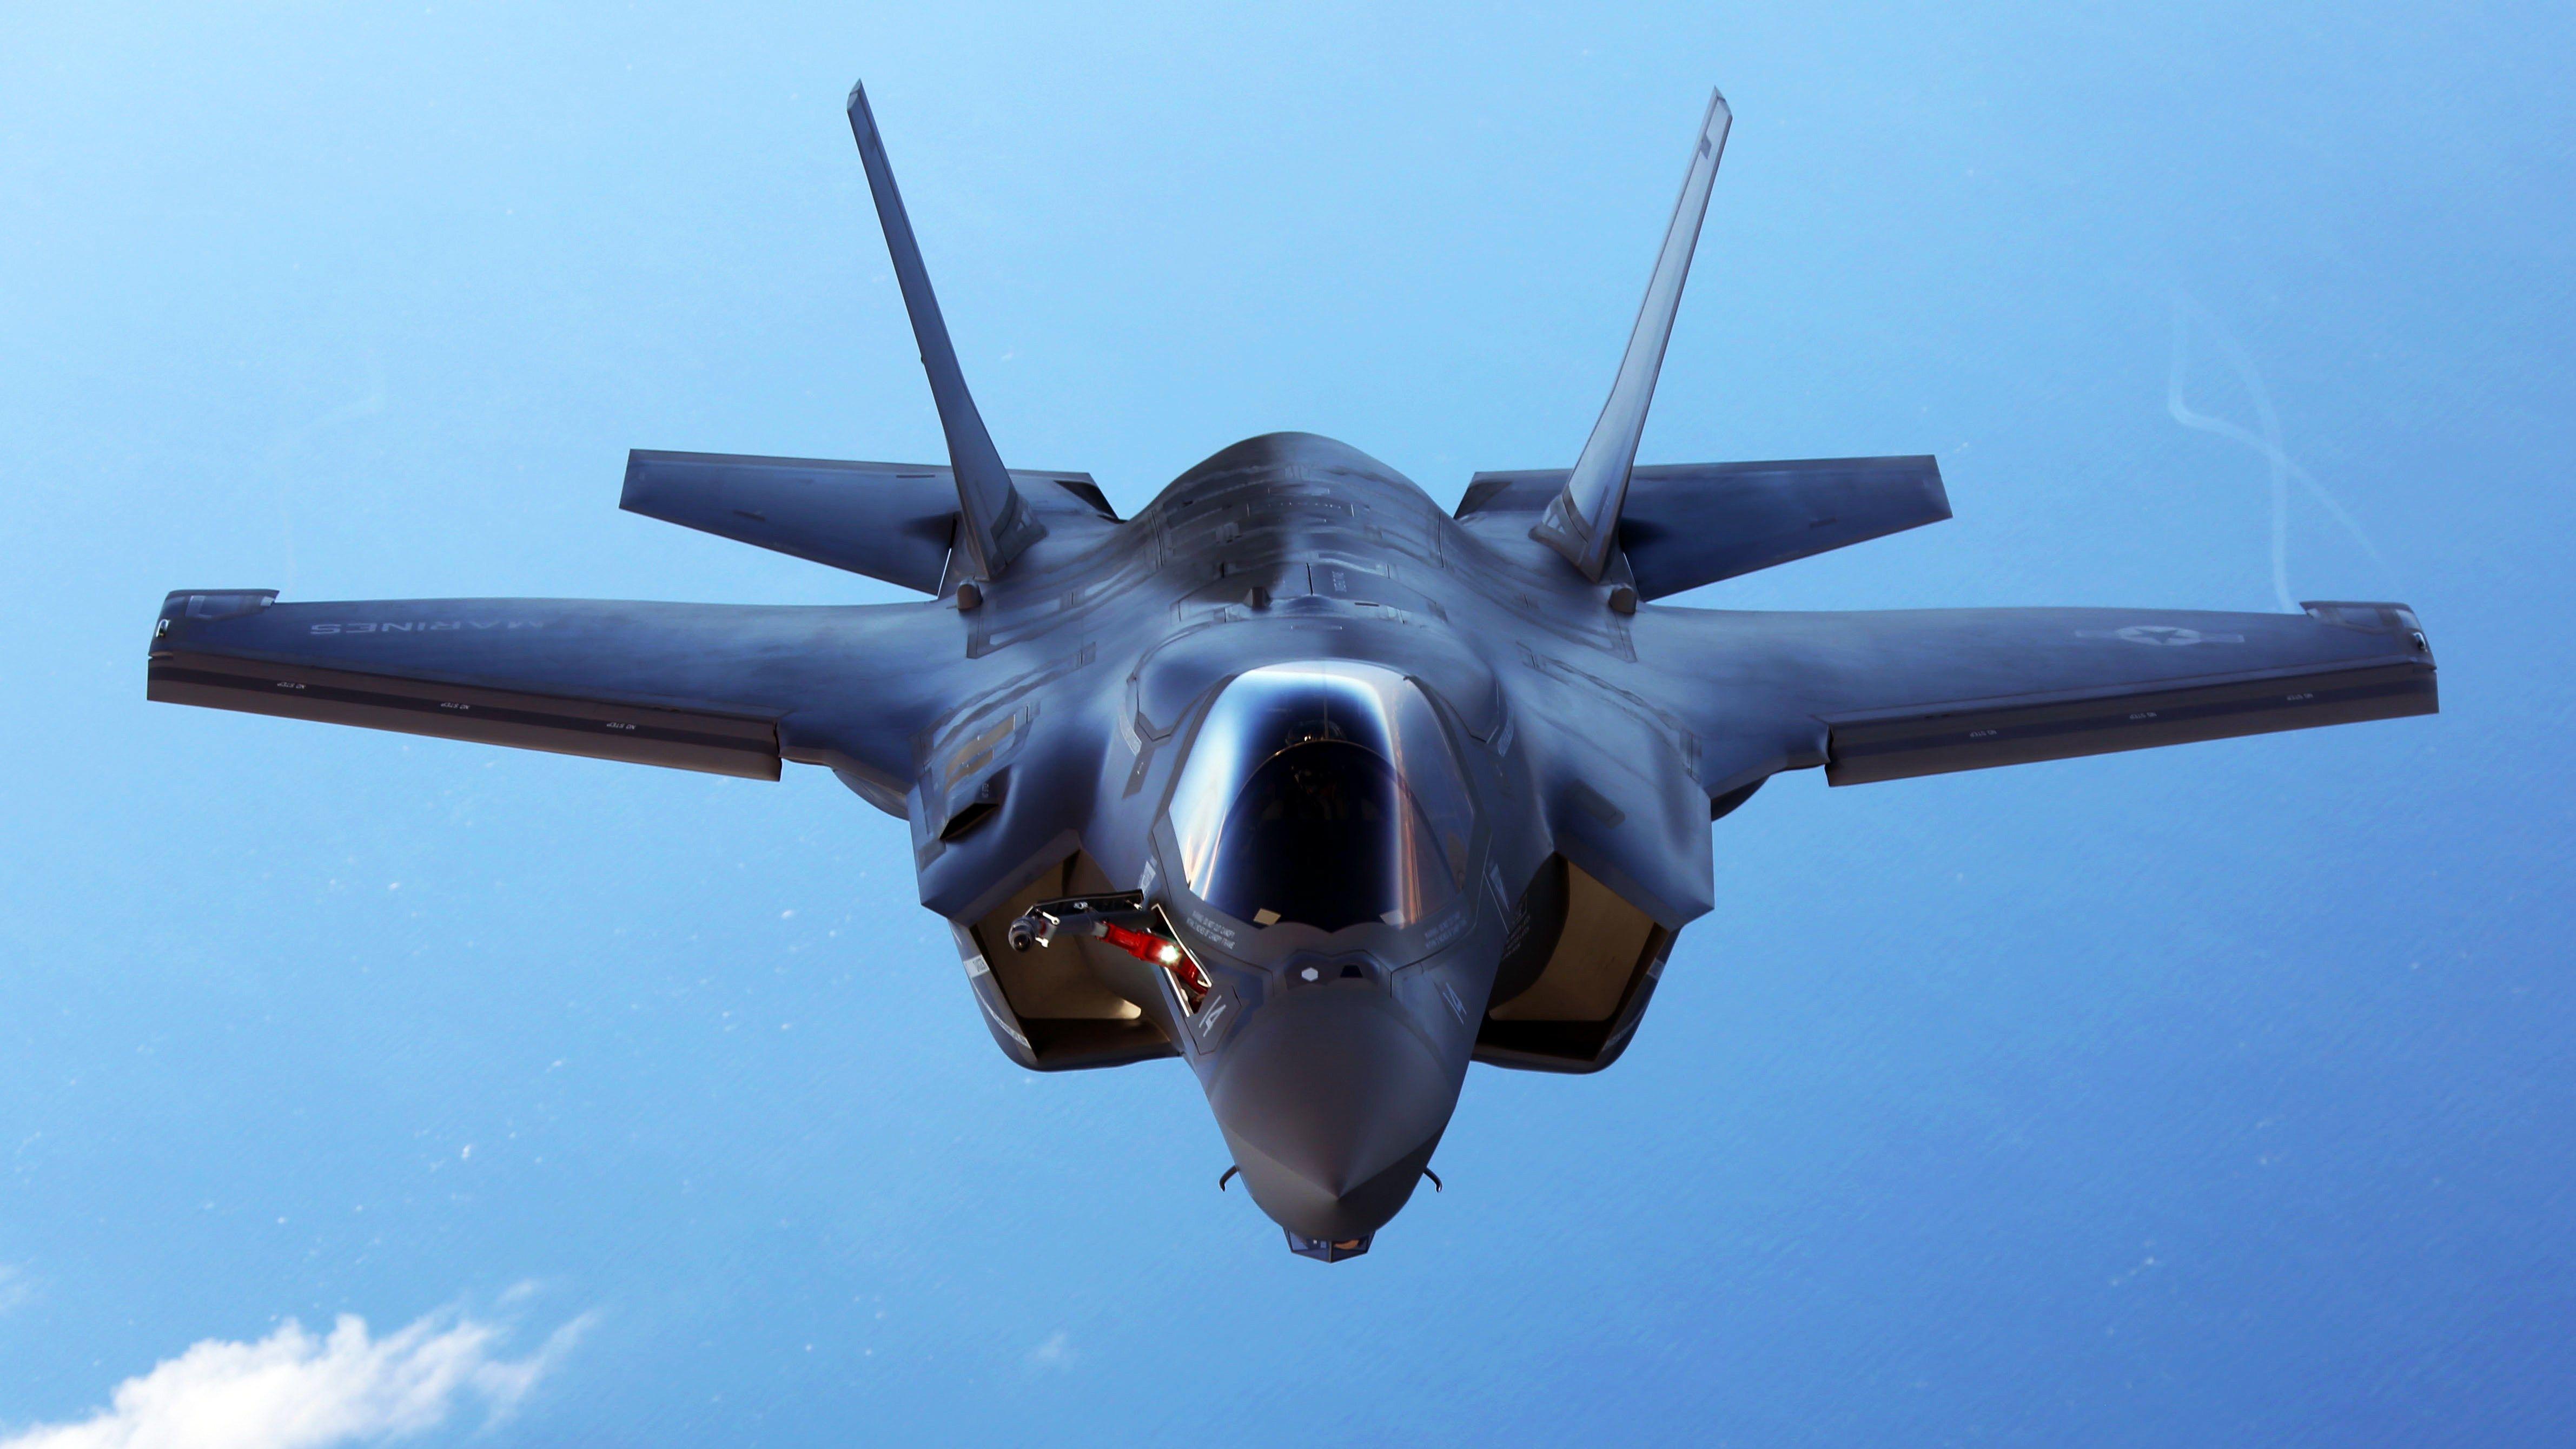 Обои «лайтнинг» ii, F-35, Lockheed, Самолёт. Авиация foto 8